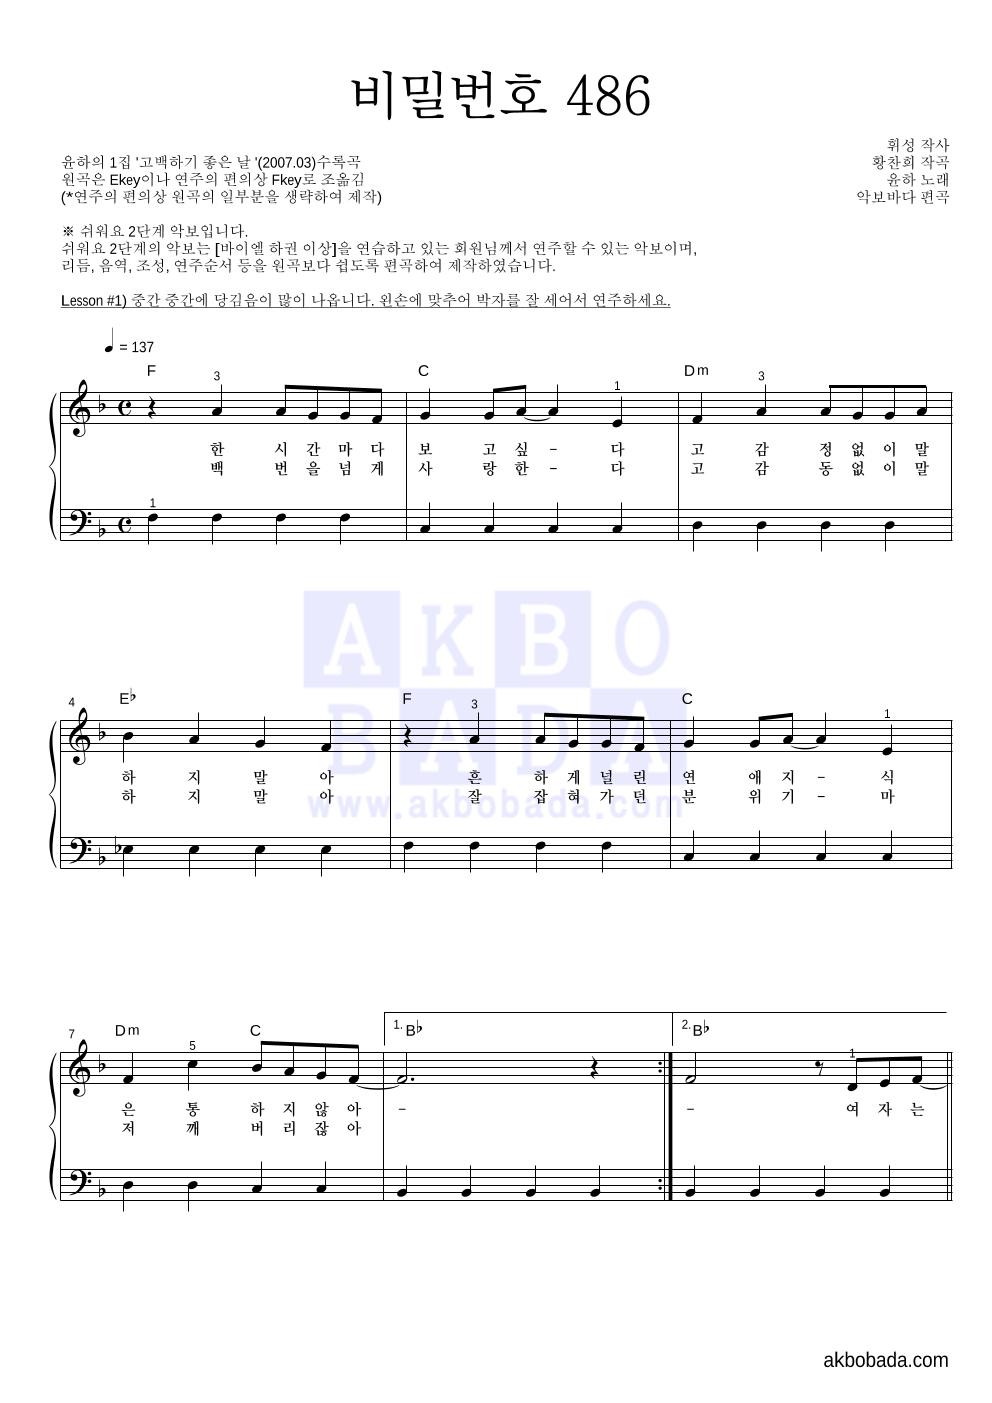 윤하 - 비밀번호 486 피아노2단-쉬워요 악보